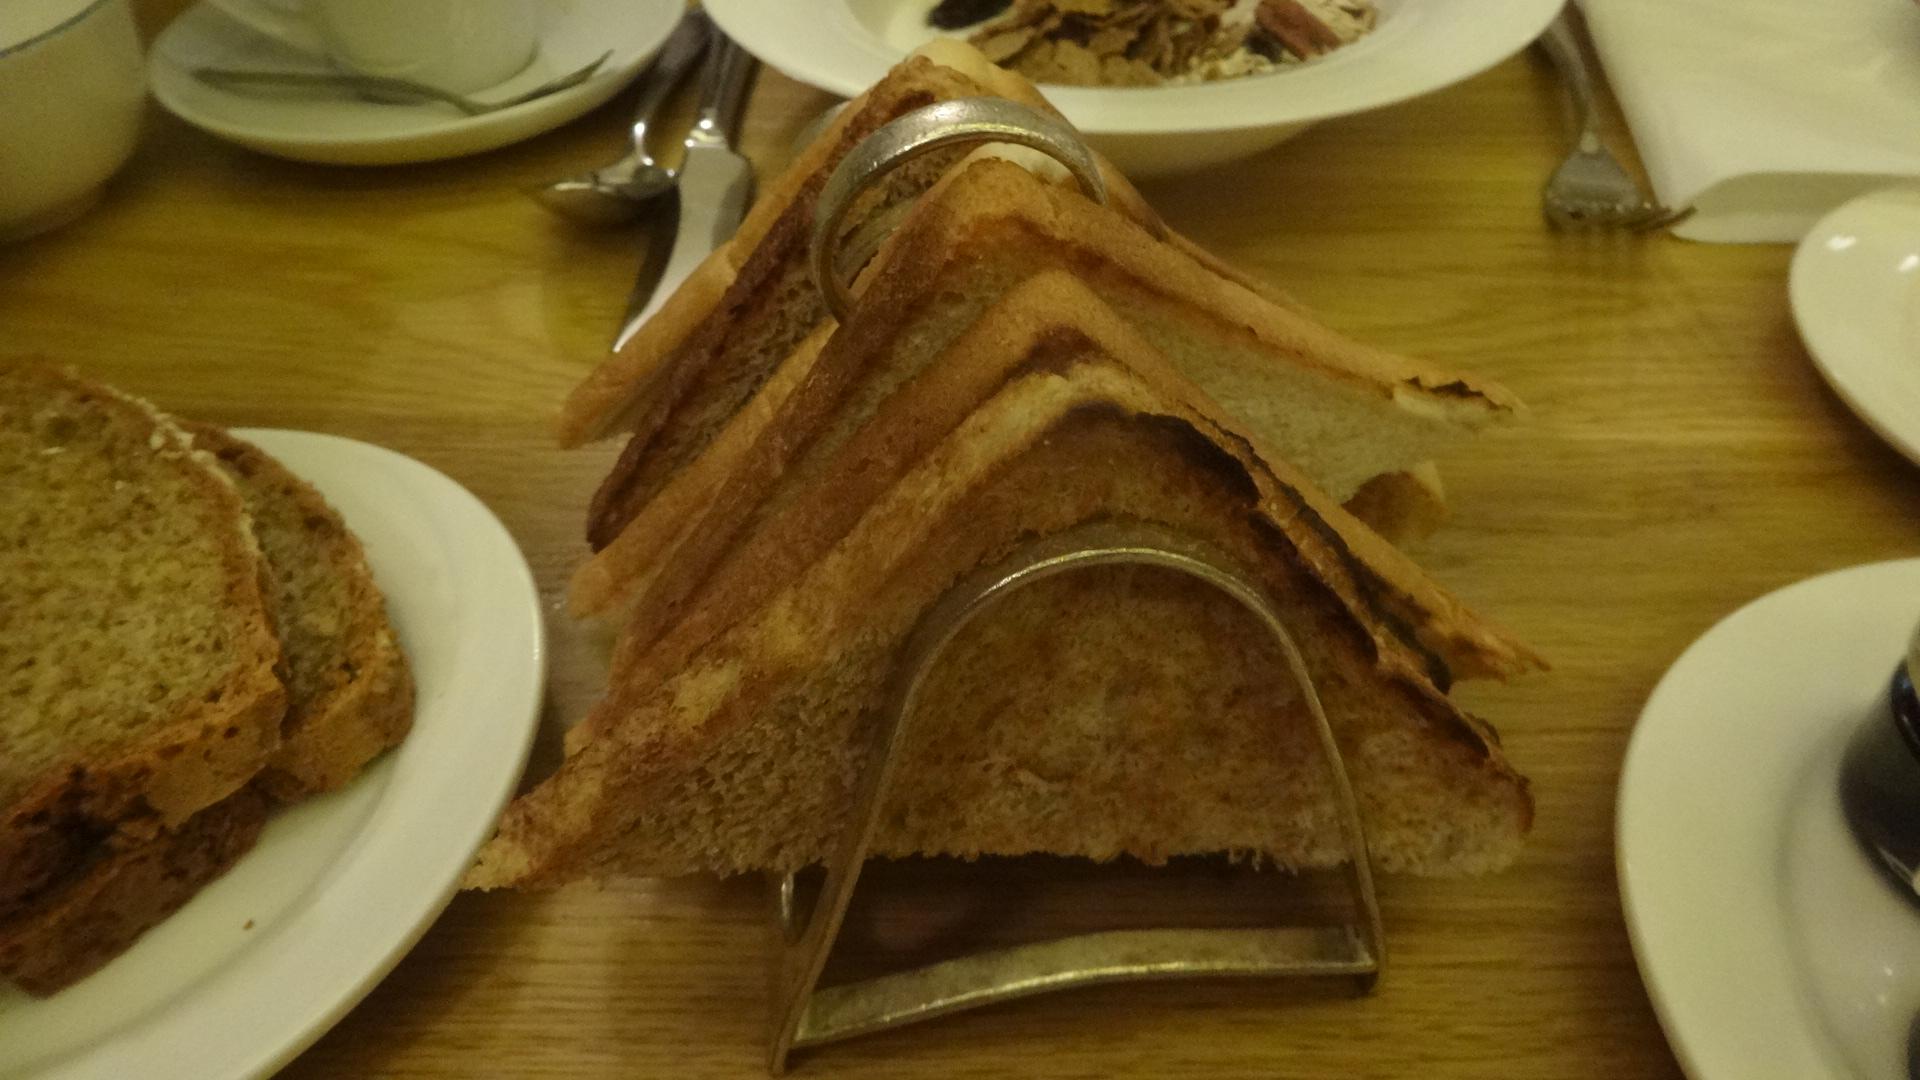 トースト立て手に建てられた薄切りトースト